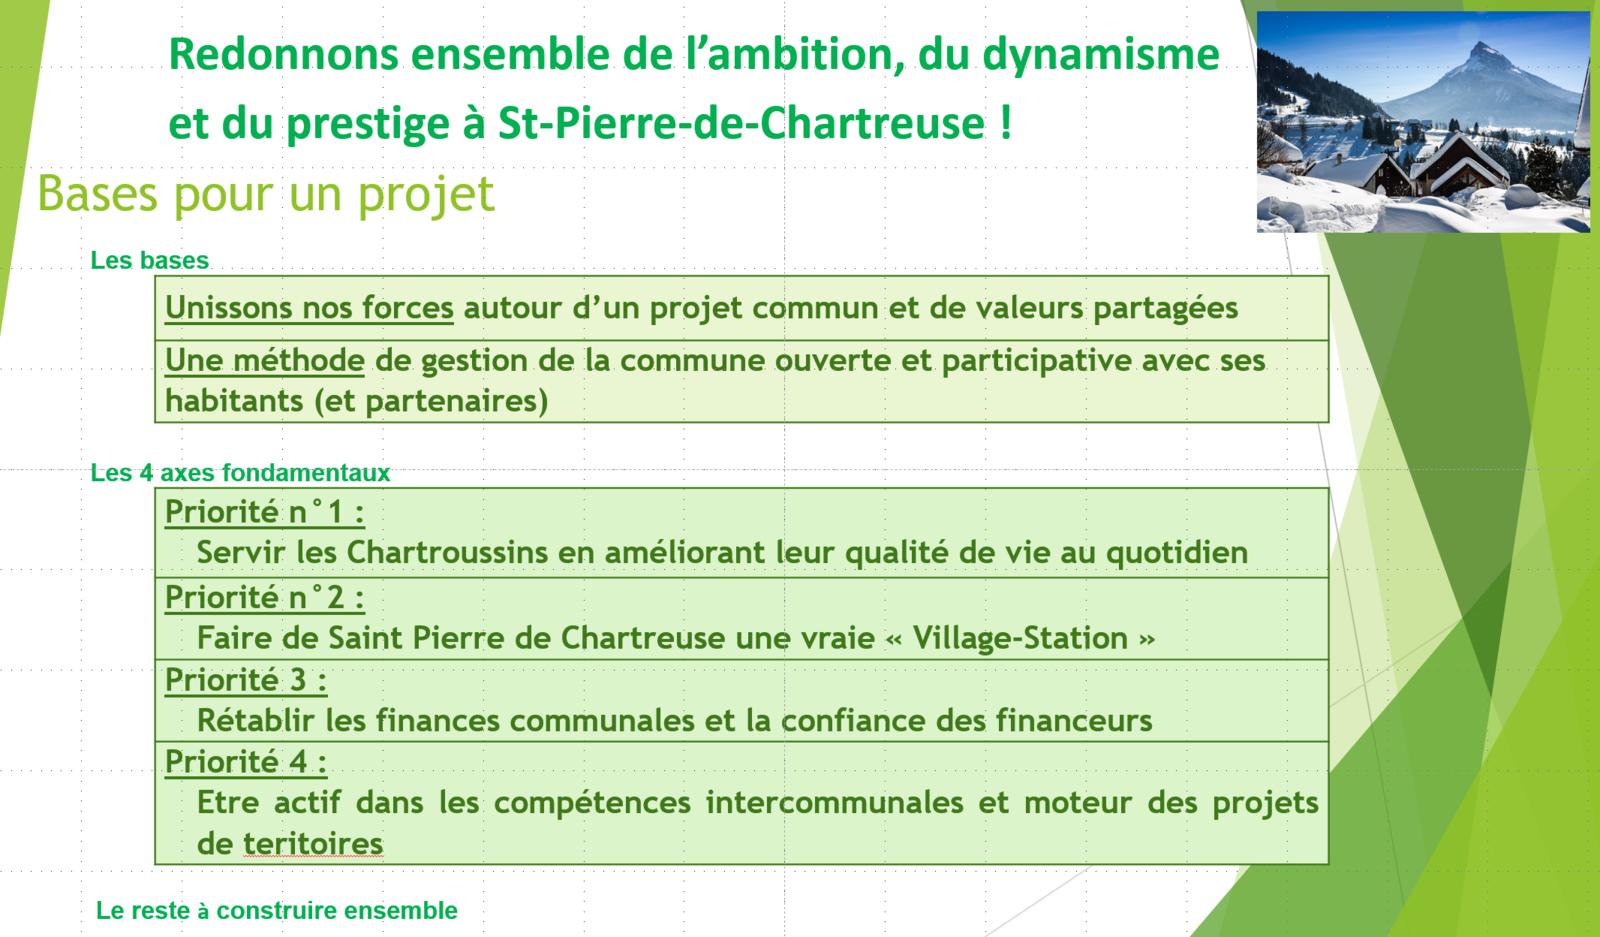 Compte-rendu de la réunion publique du 5 janvier 2017 organisée par Charlotte HEYRMAN, Stéphane GUSMEROLI, et Benoit LAVAL